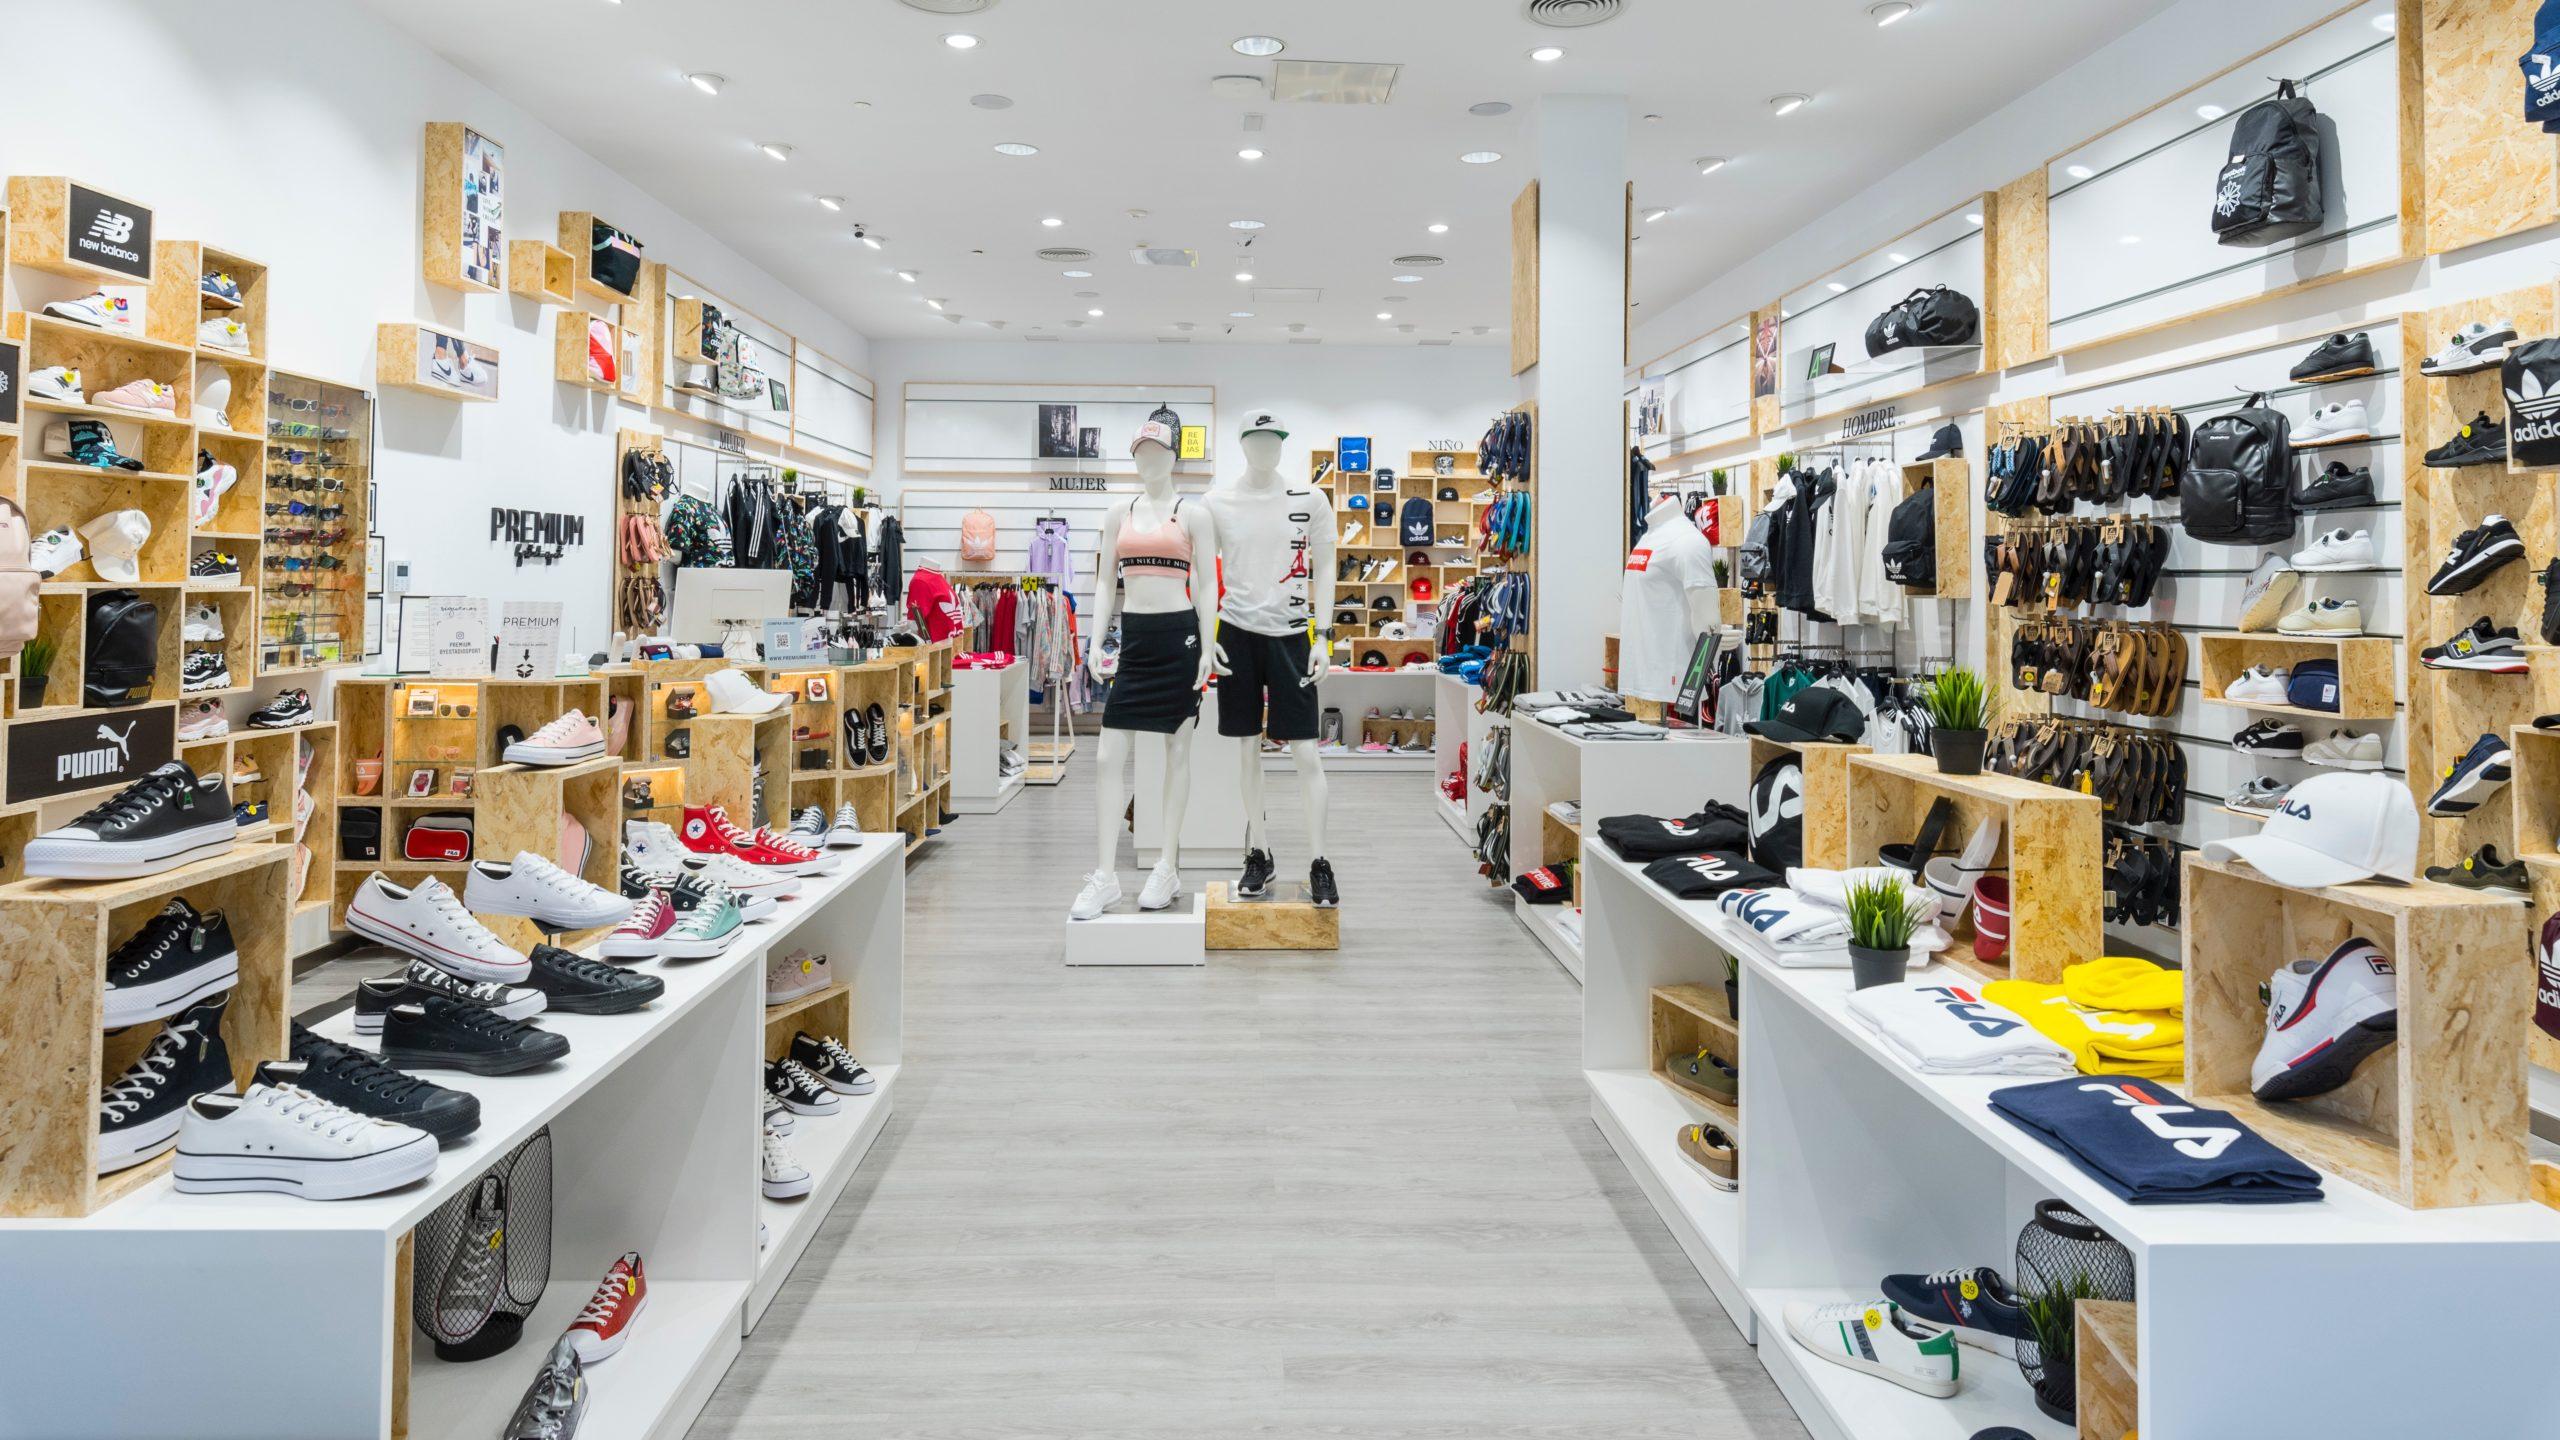 Premium-Sneakers